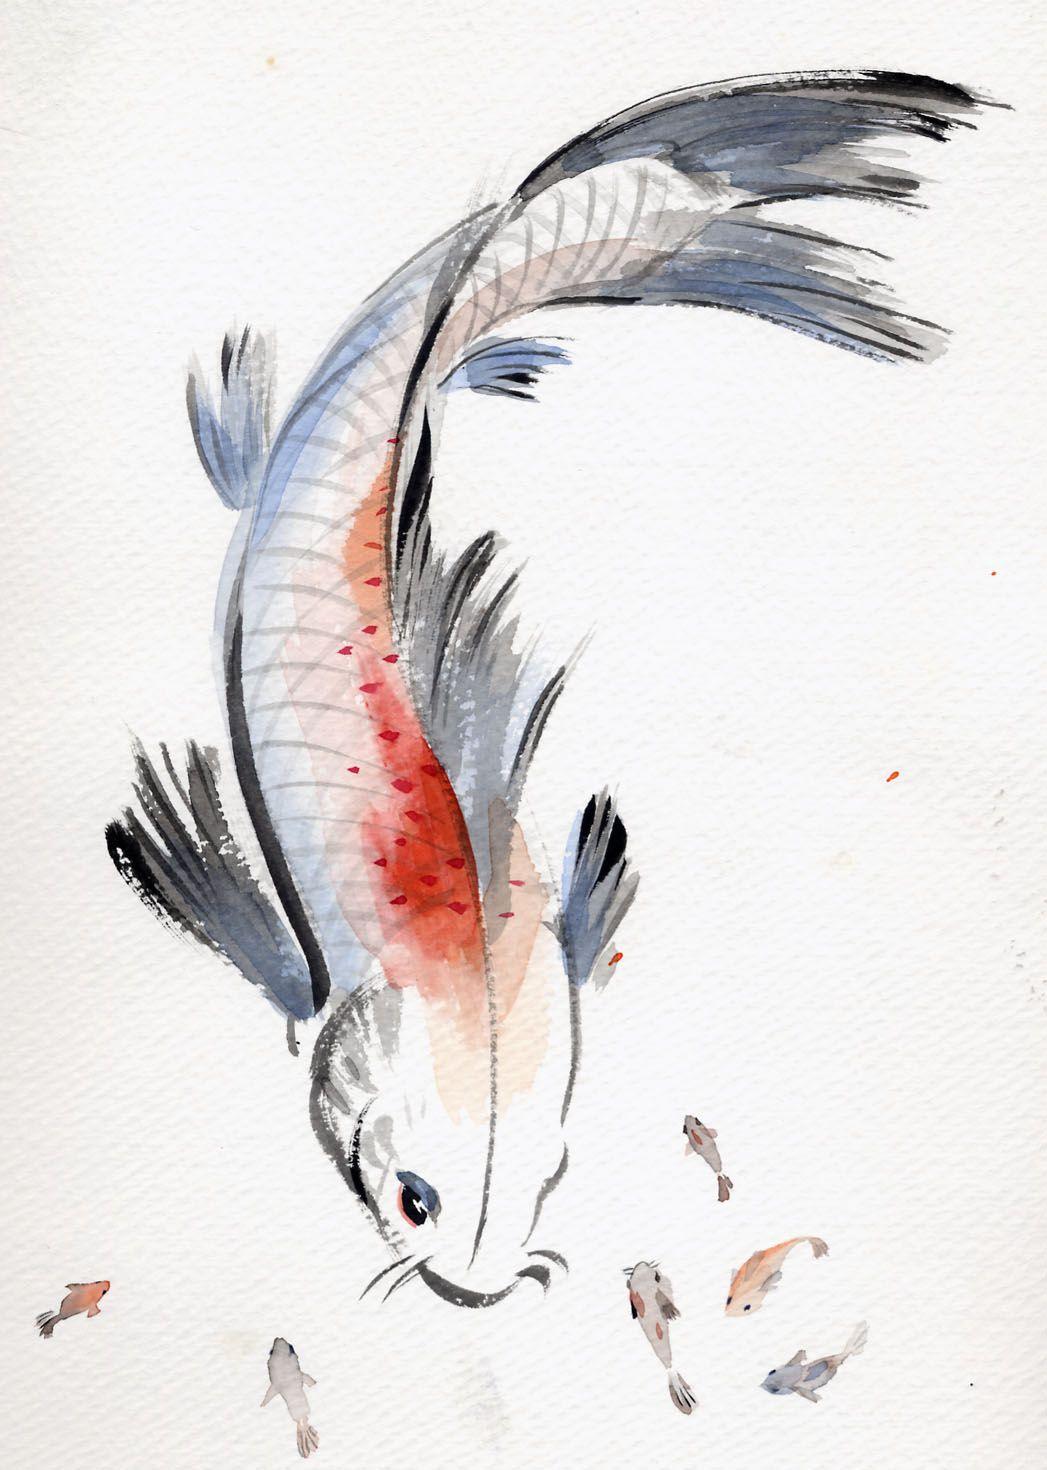 Chinese Art Fish Painting